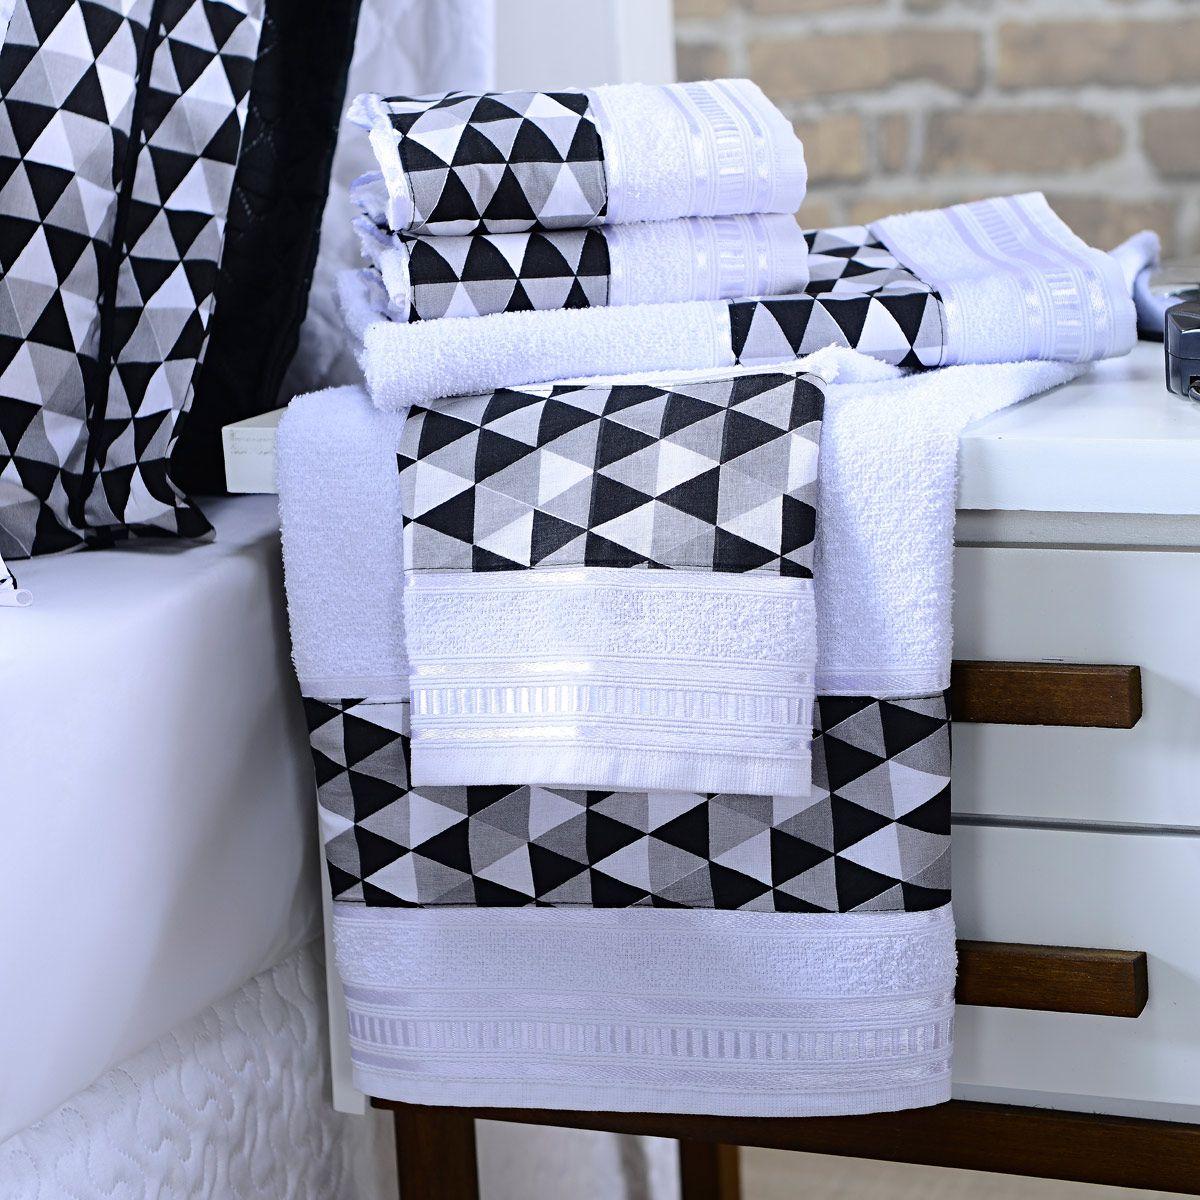 Jogo de Banho Premium Mosaico Preto/Branco 285 g/m² 100% Algodão 05 Peças